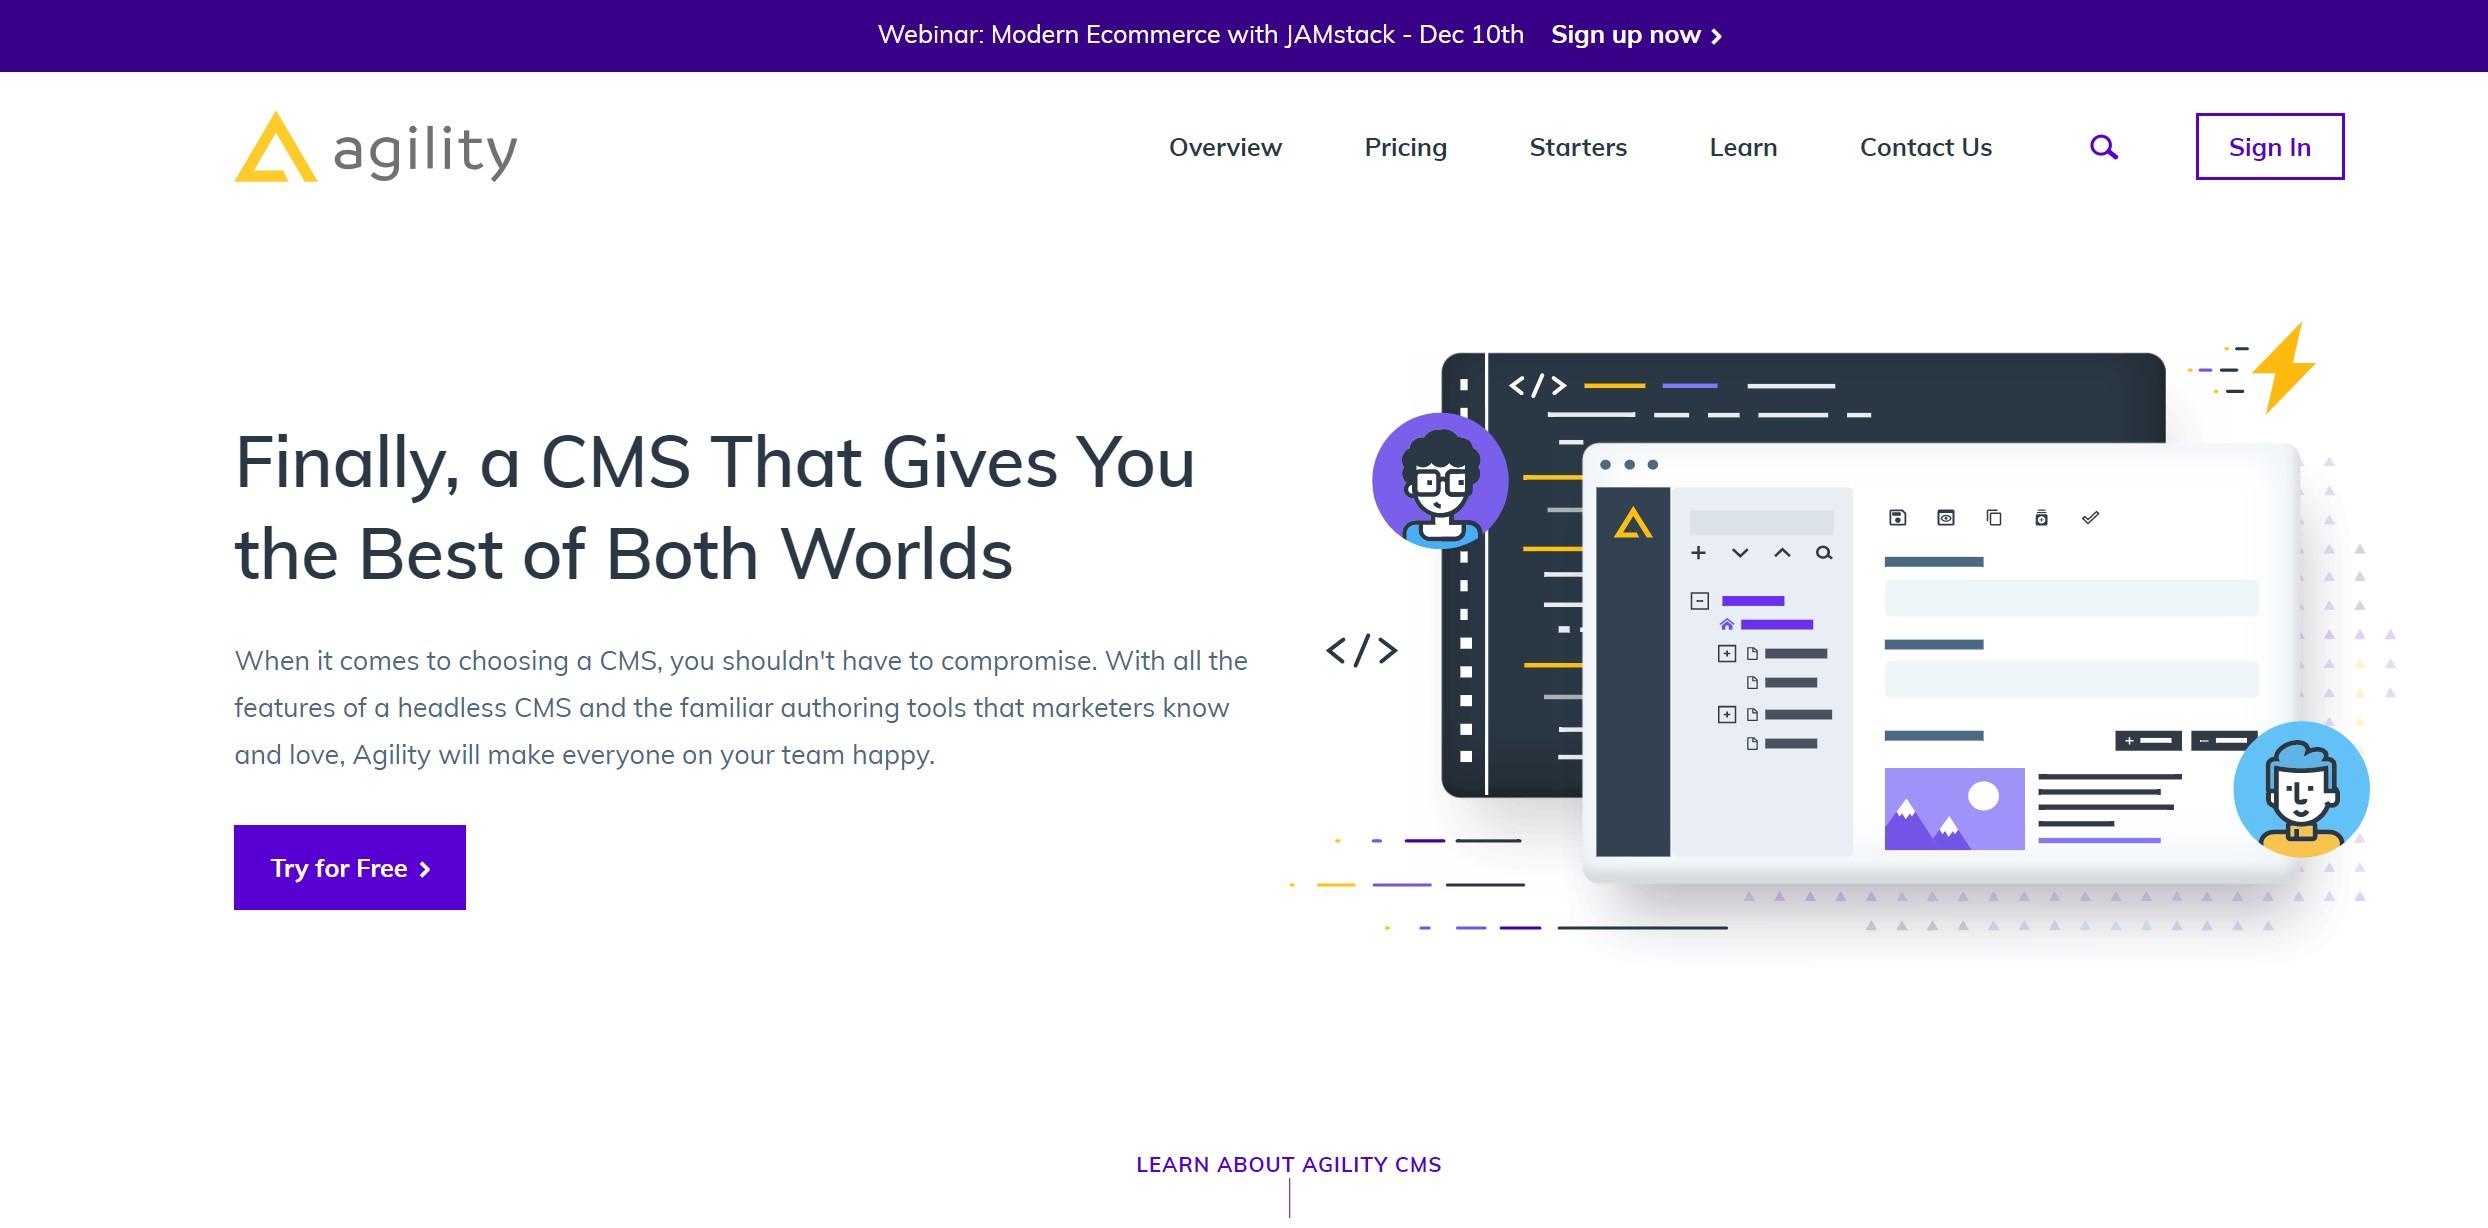 Agility CMS new website